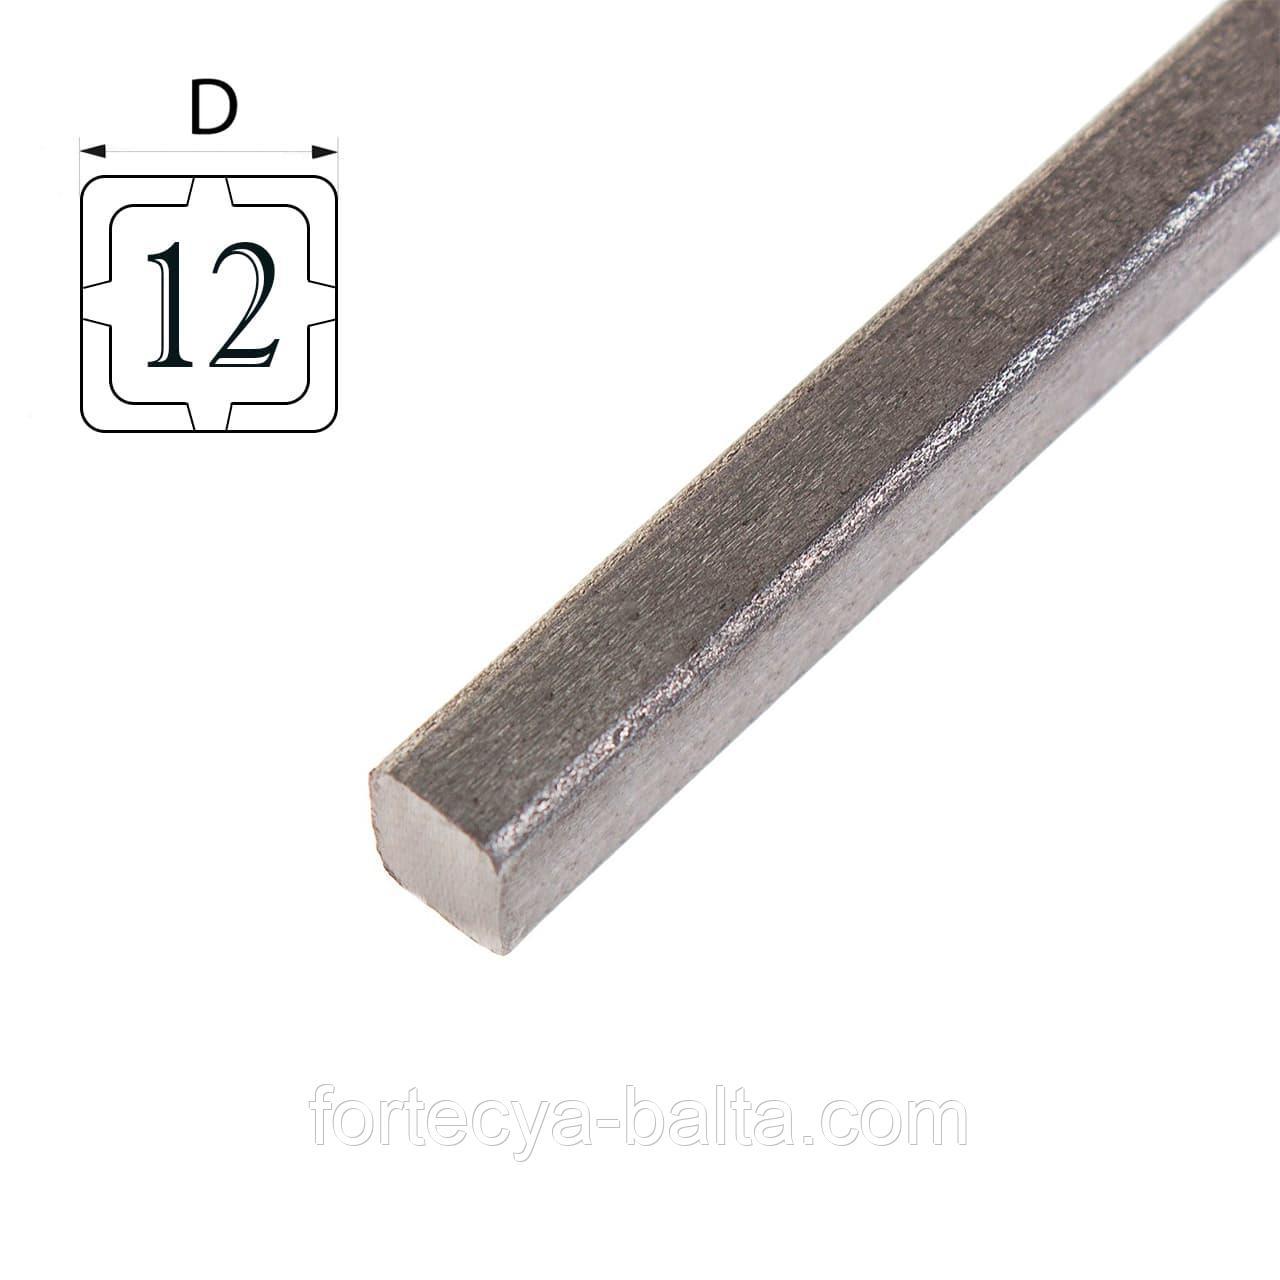 Квадрат металлический 12мм фото